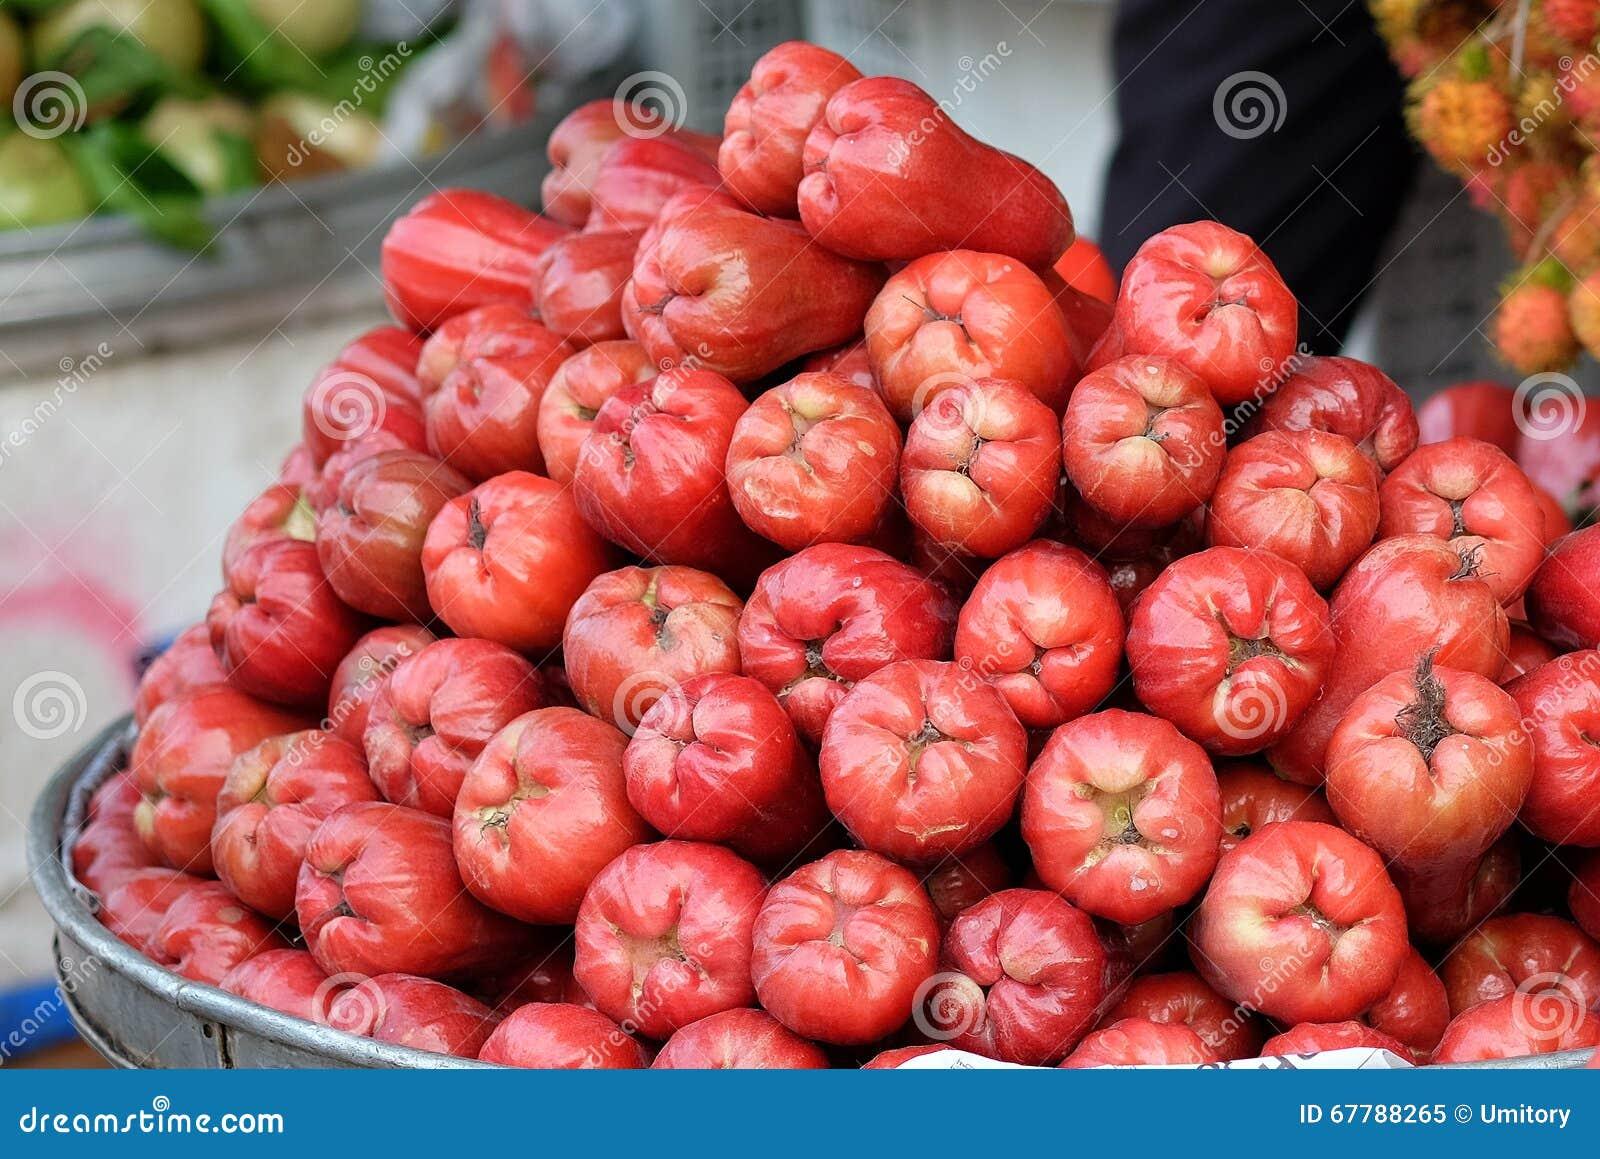 rote pflaume tropische frucht werden f r verkauf im nassen markt vietnam angezeigt stockfoto. Black Bedroom Furniture Sets. Home Design Ideas